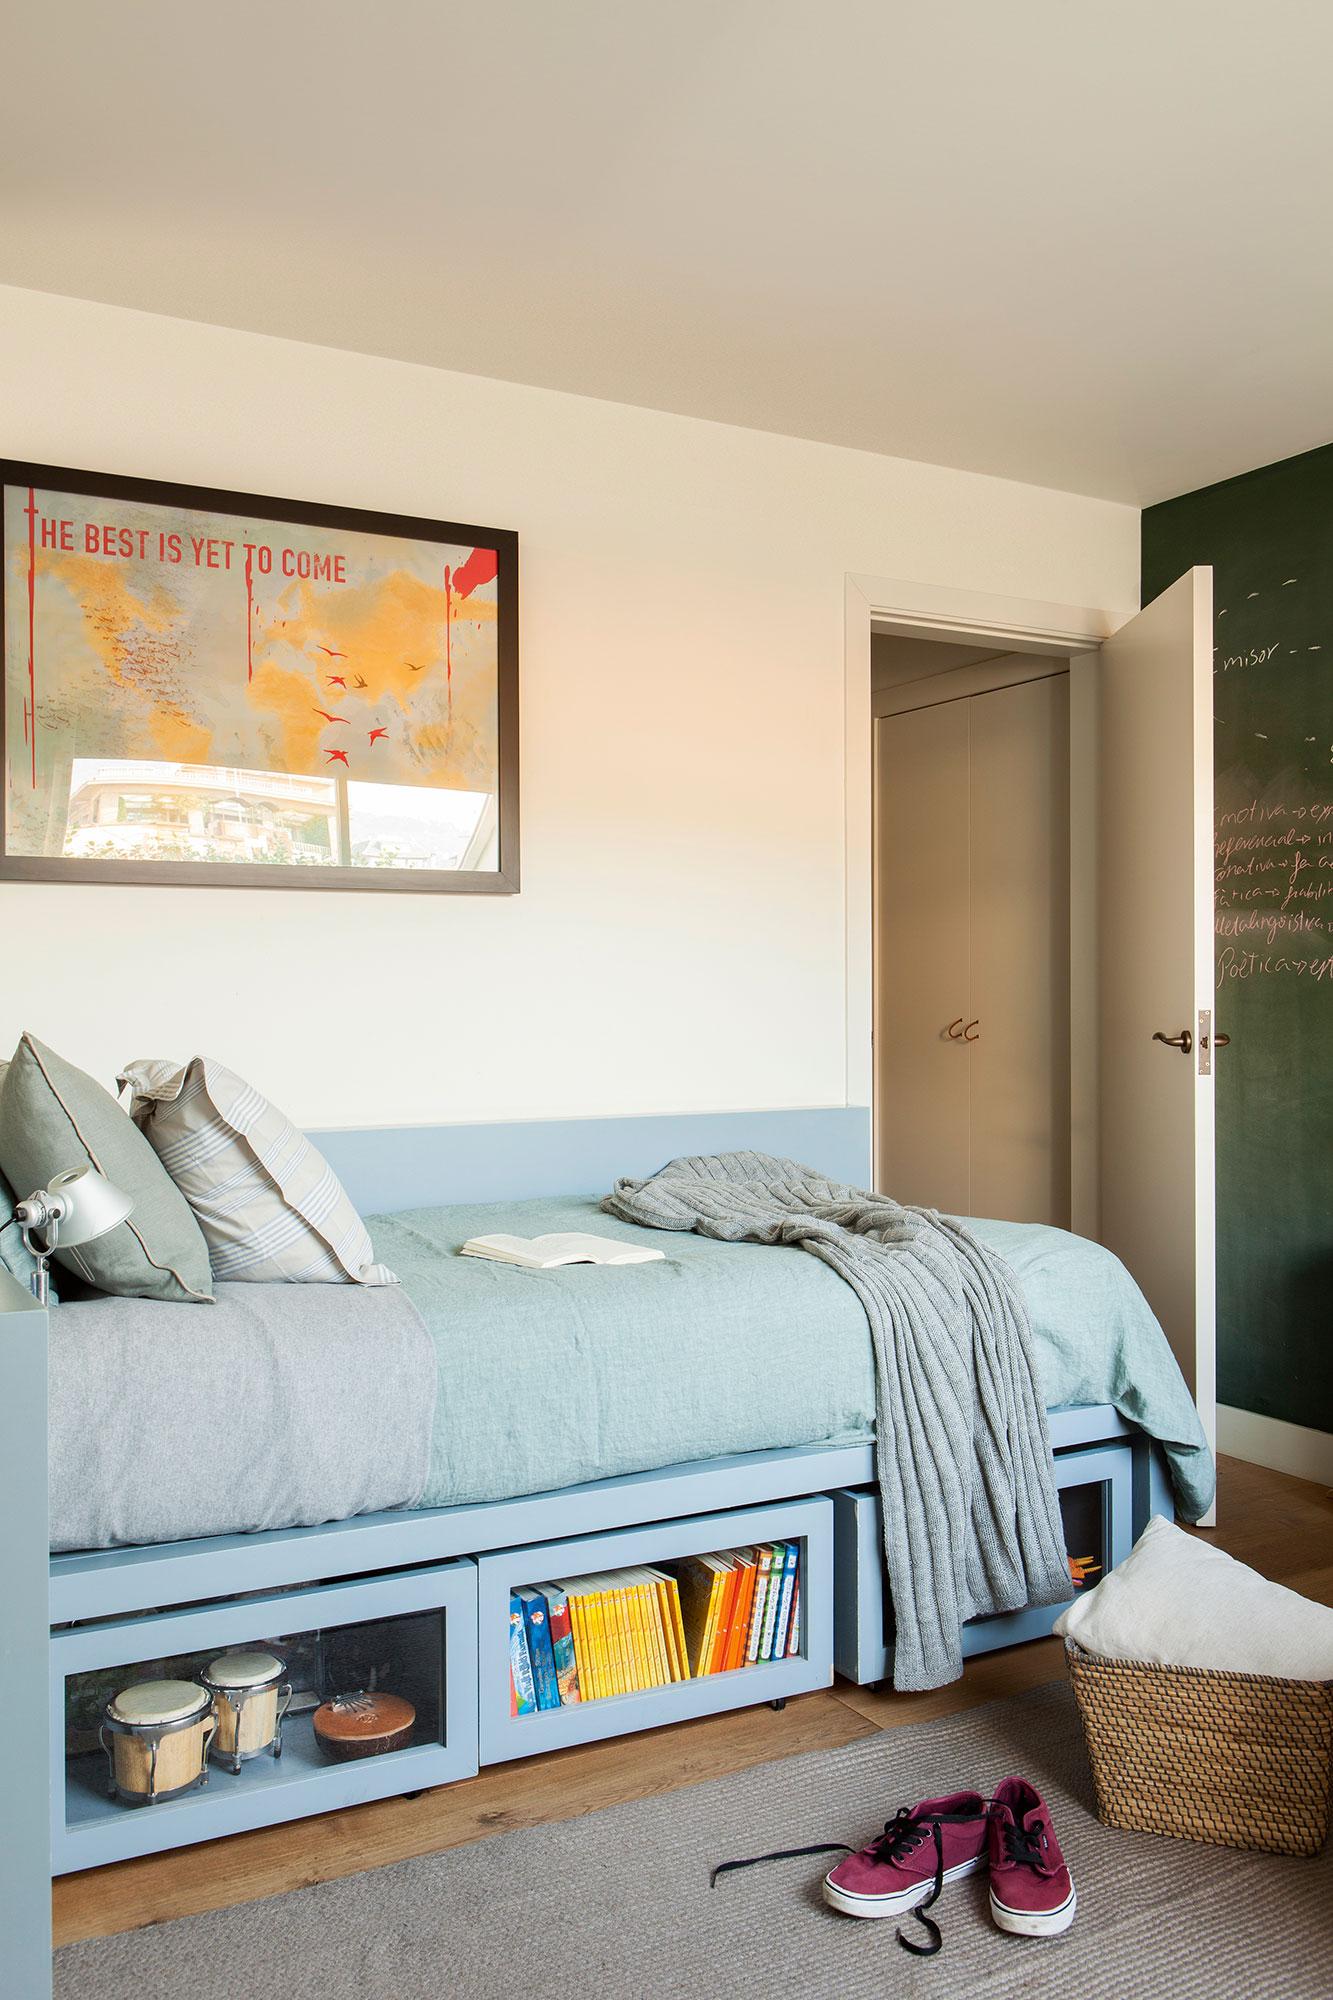 Cuadros dormitorio juvenil elegant beautiful por with for Cuadros habitacion juvenil